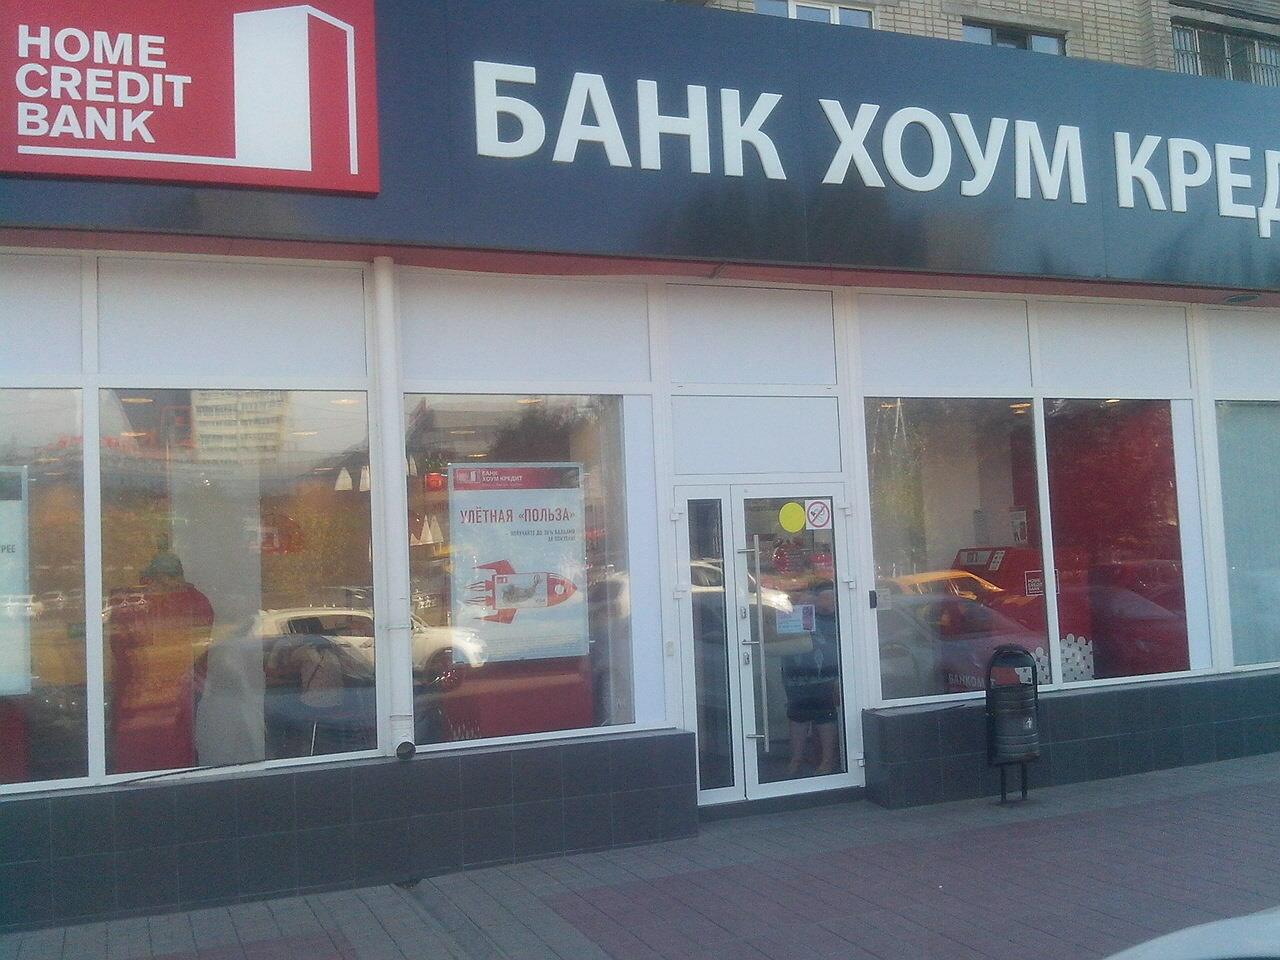 сбербанк кредит наличными без поручителей без справок и поручителей новосибирск